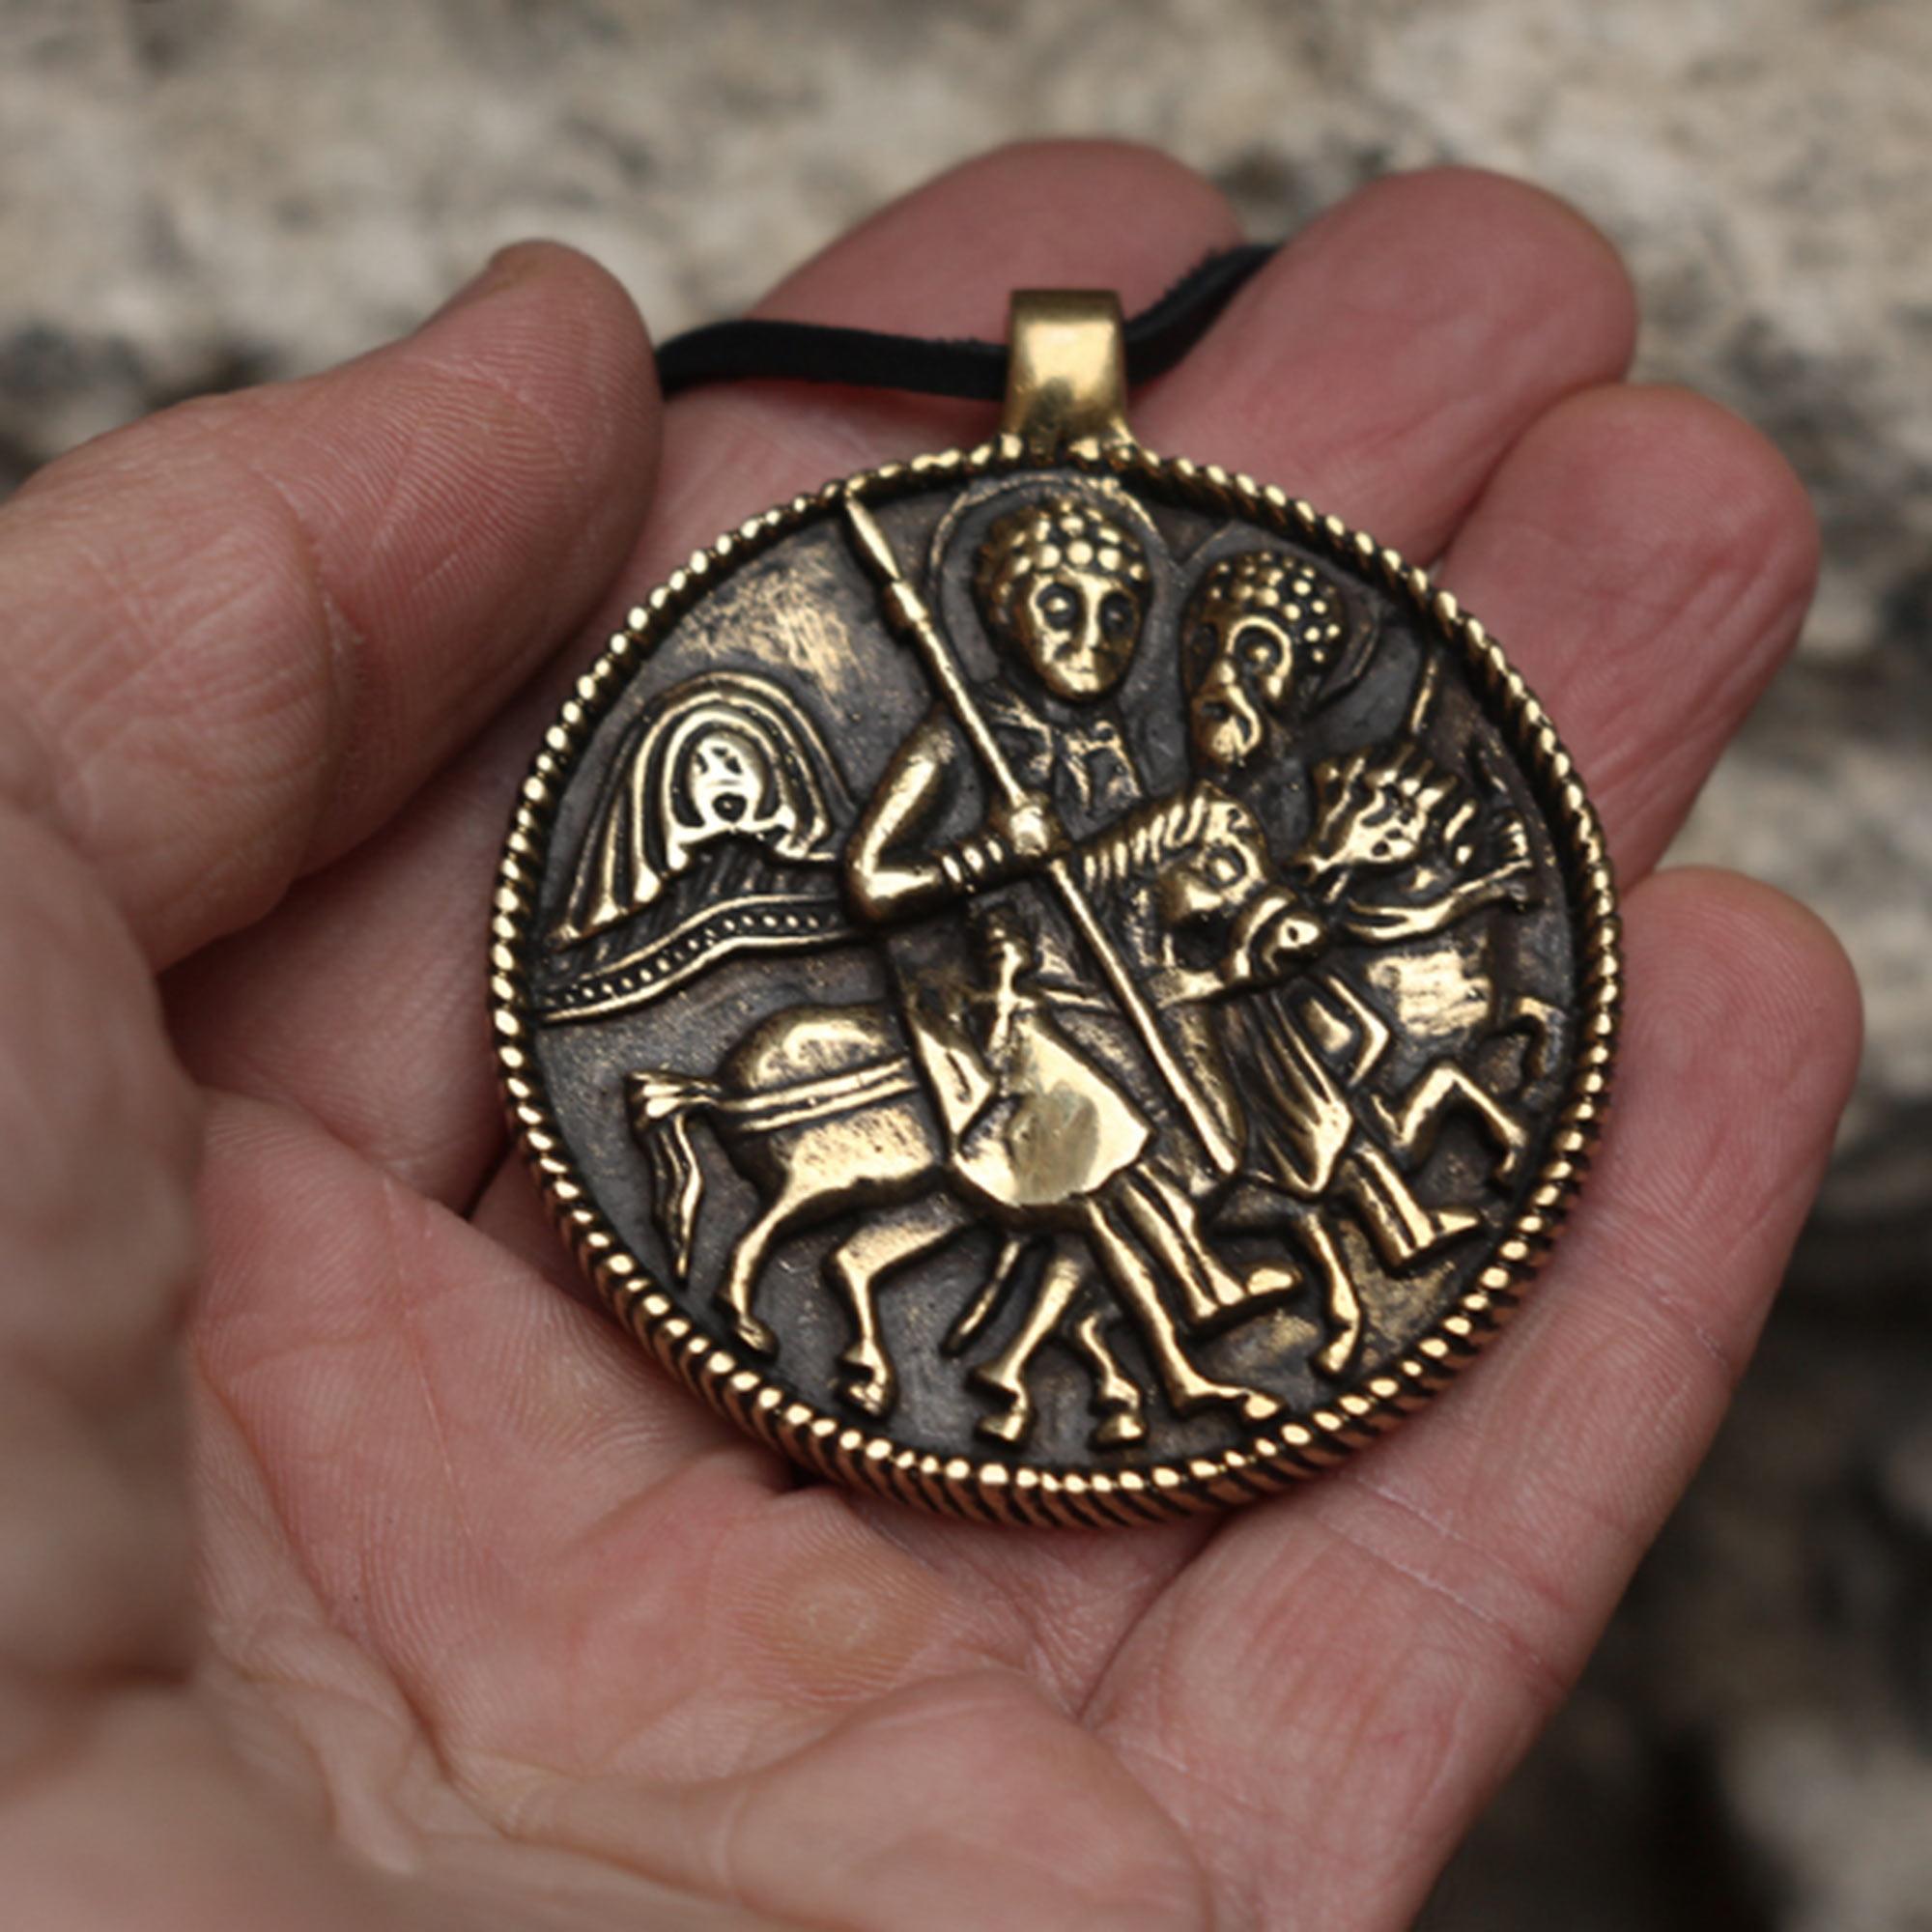 змеевик бронзовый кулон георгий победоносец купить в симферополе в крыму оптом христианские украшения